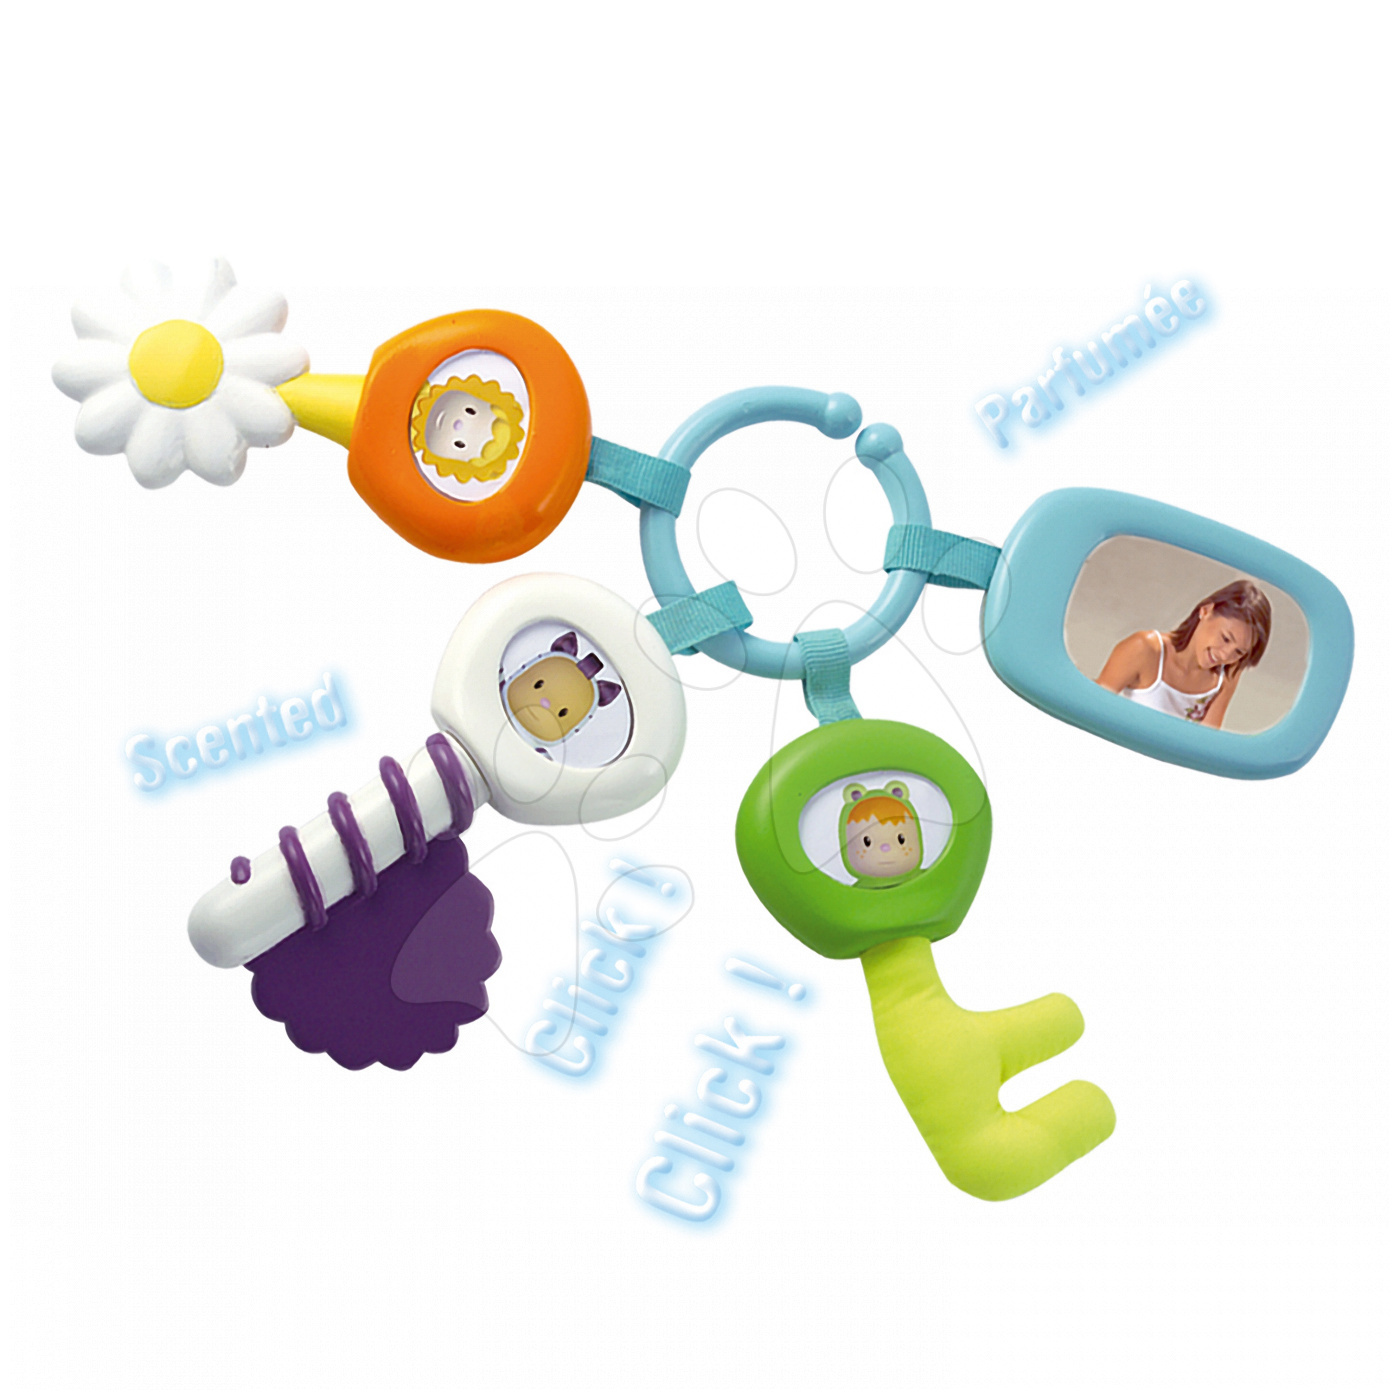 Dezvoltarea abilităților motorii - Chei pentru dentiţie Cotoons Aktivity Smoby pentru bebeluşi